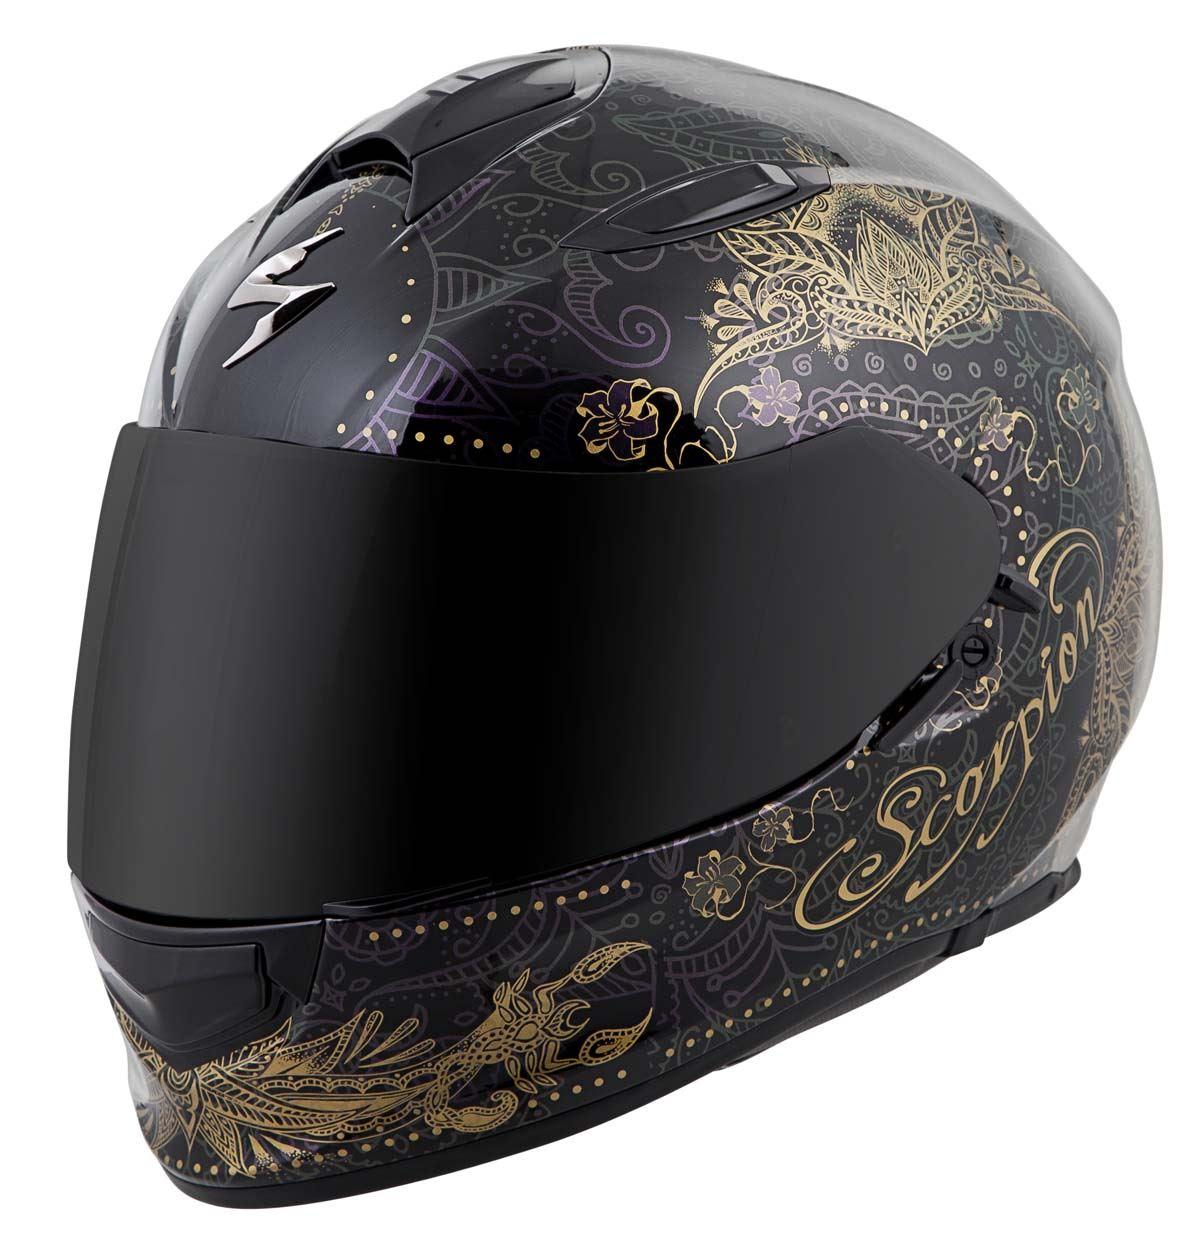 Scorpion-EXO-T510-Helmet-Full-Face-DOT-Approved-Inner-Sun-Shield miniature 64